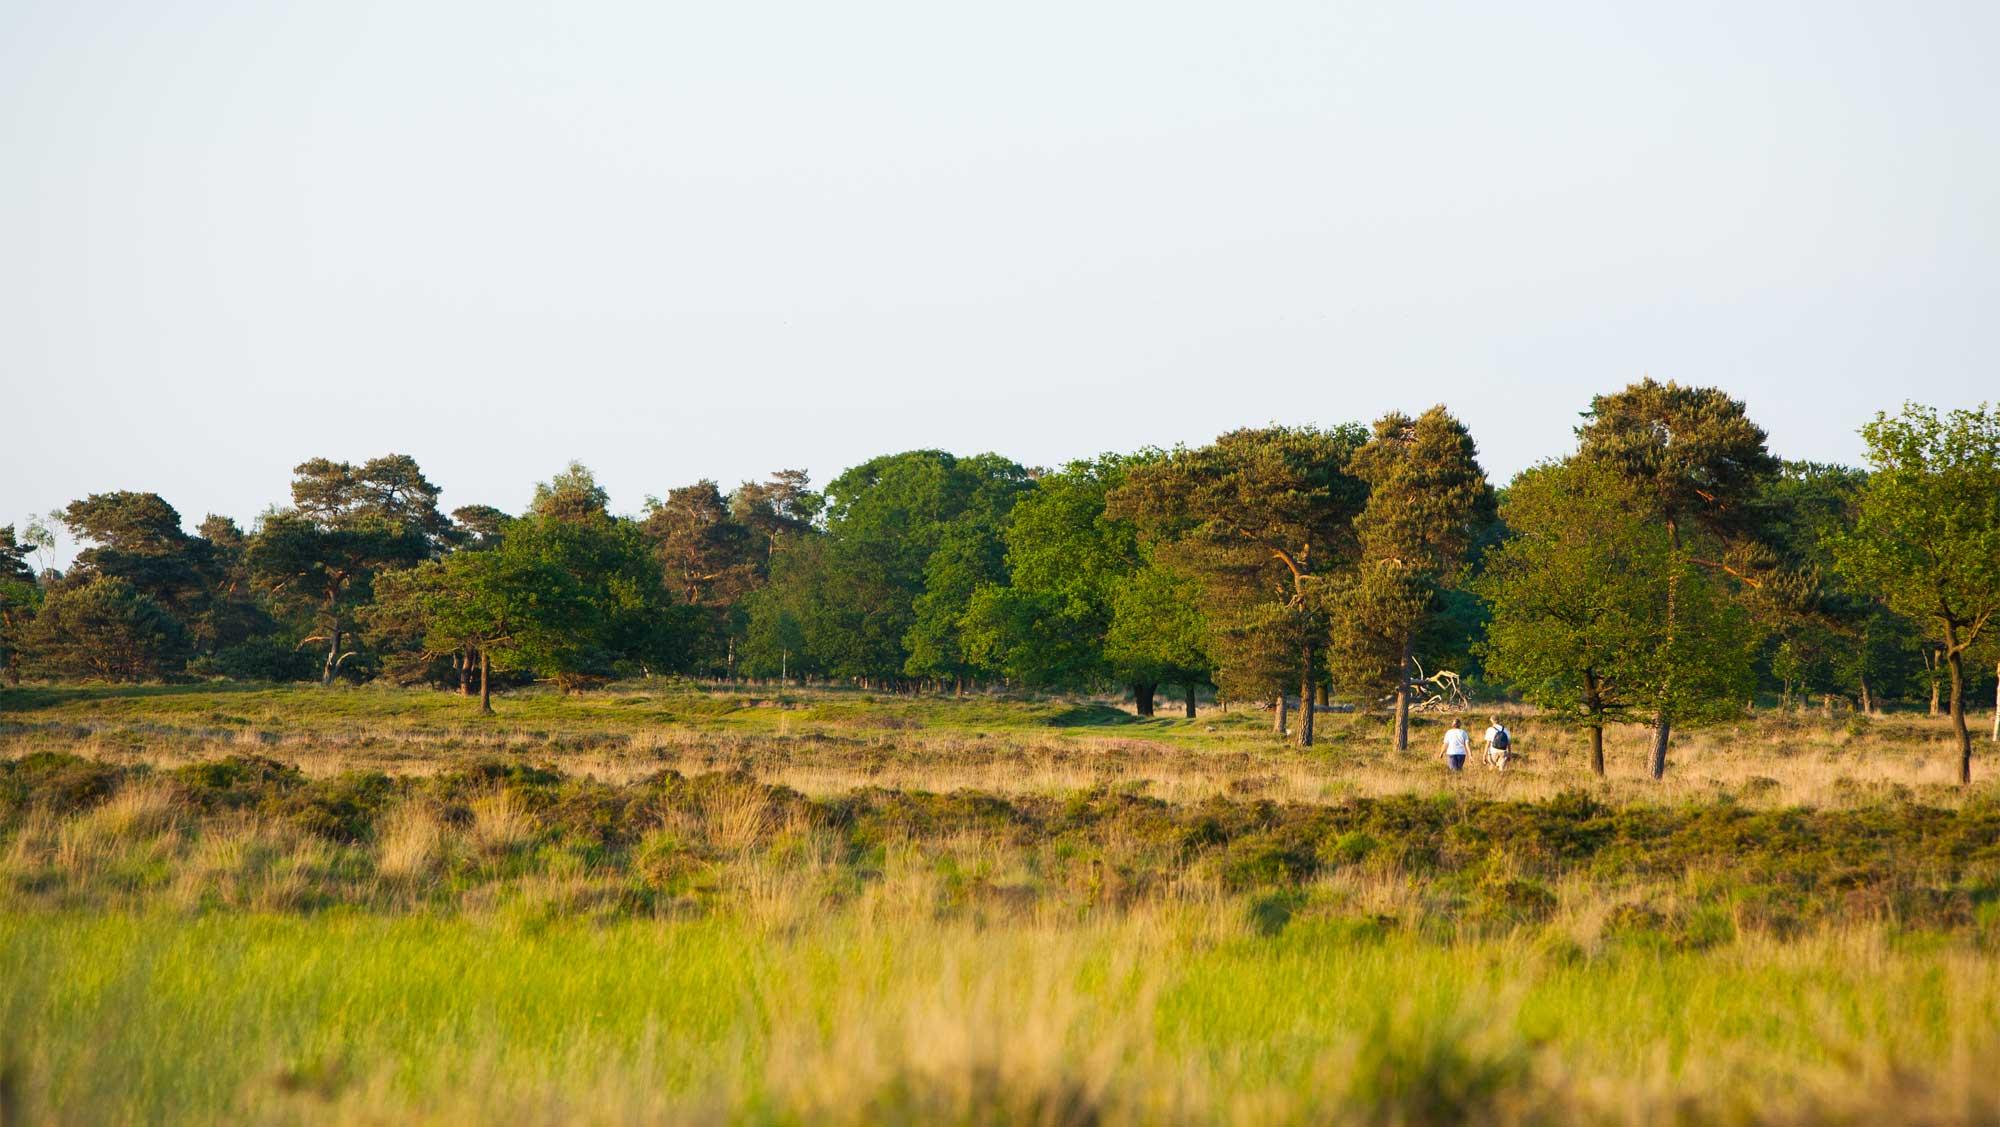 Omgeving Molecaten Park Landgoed Ginkelduin 01 Leersumse veld